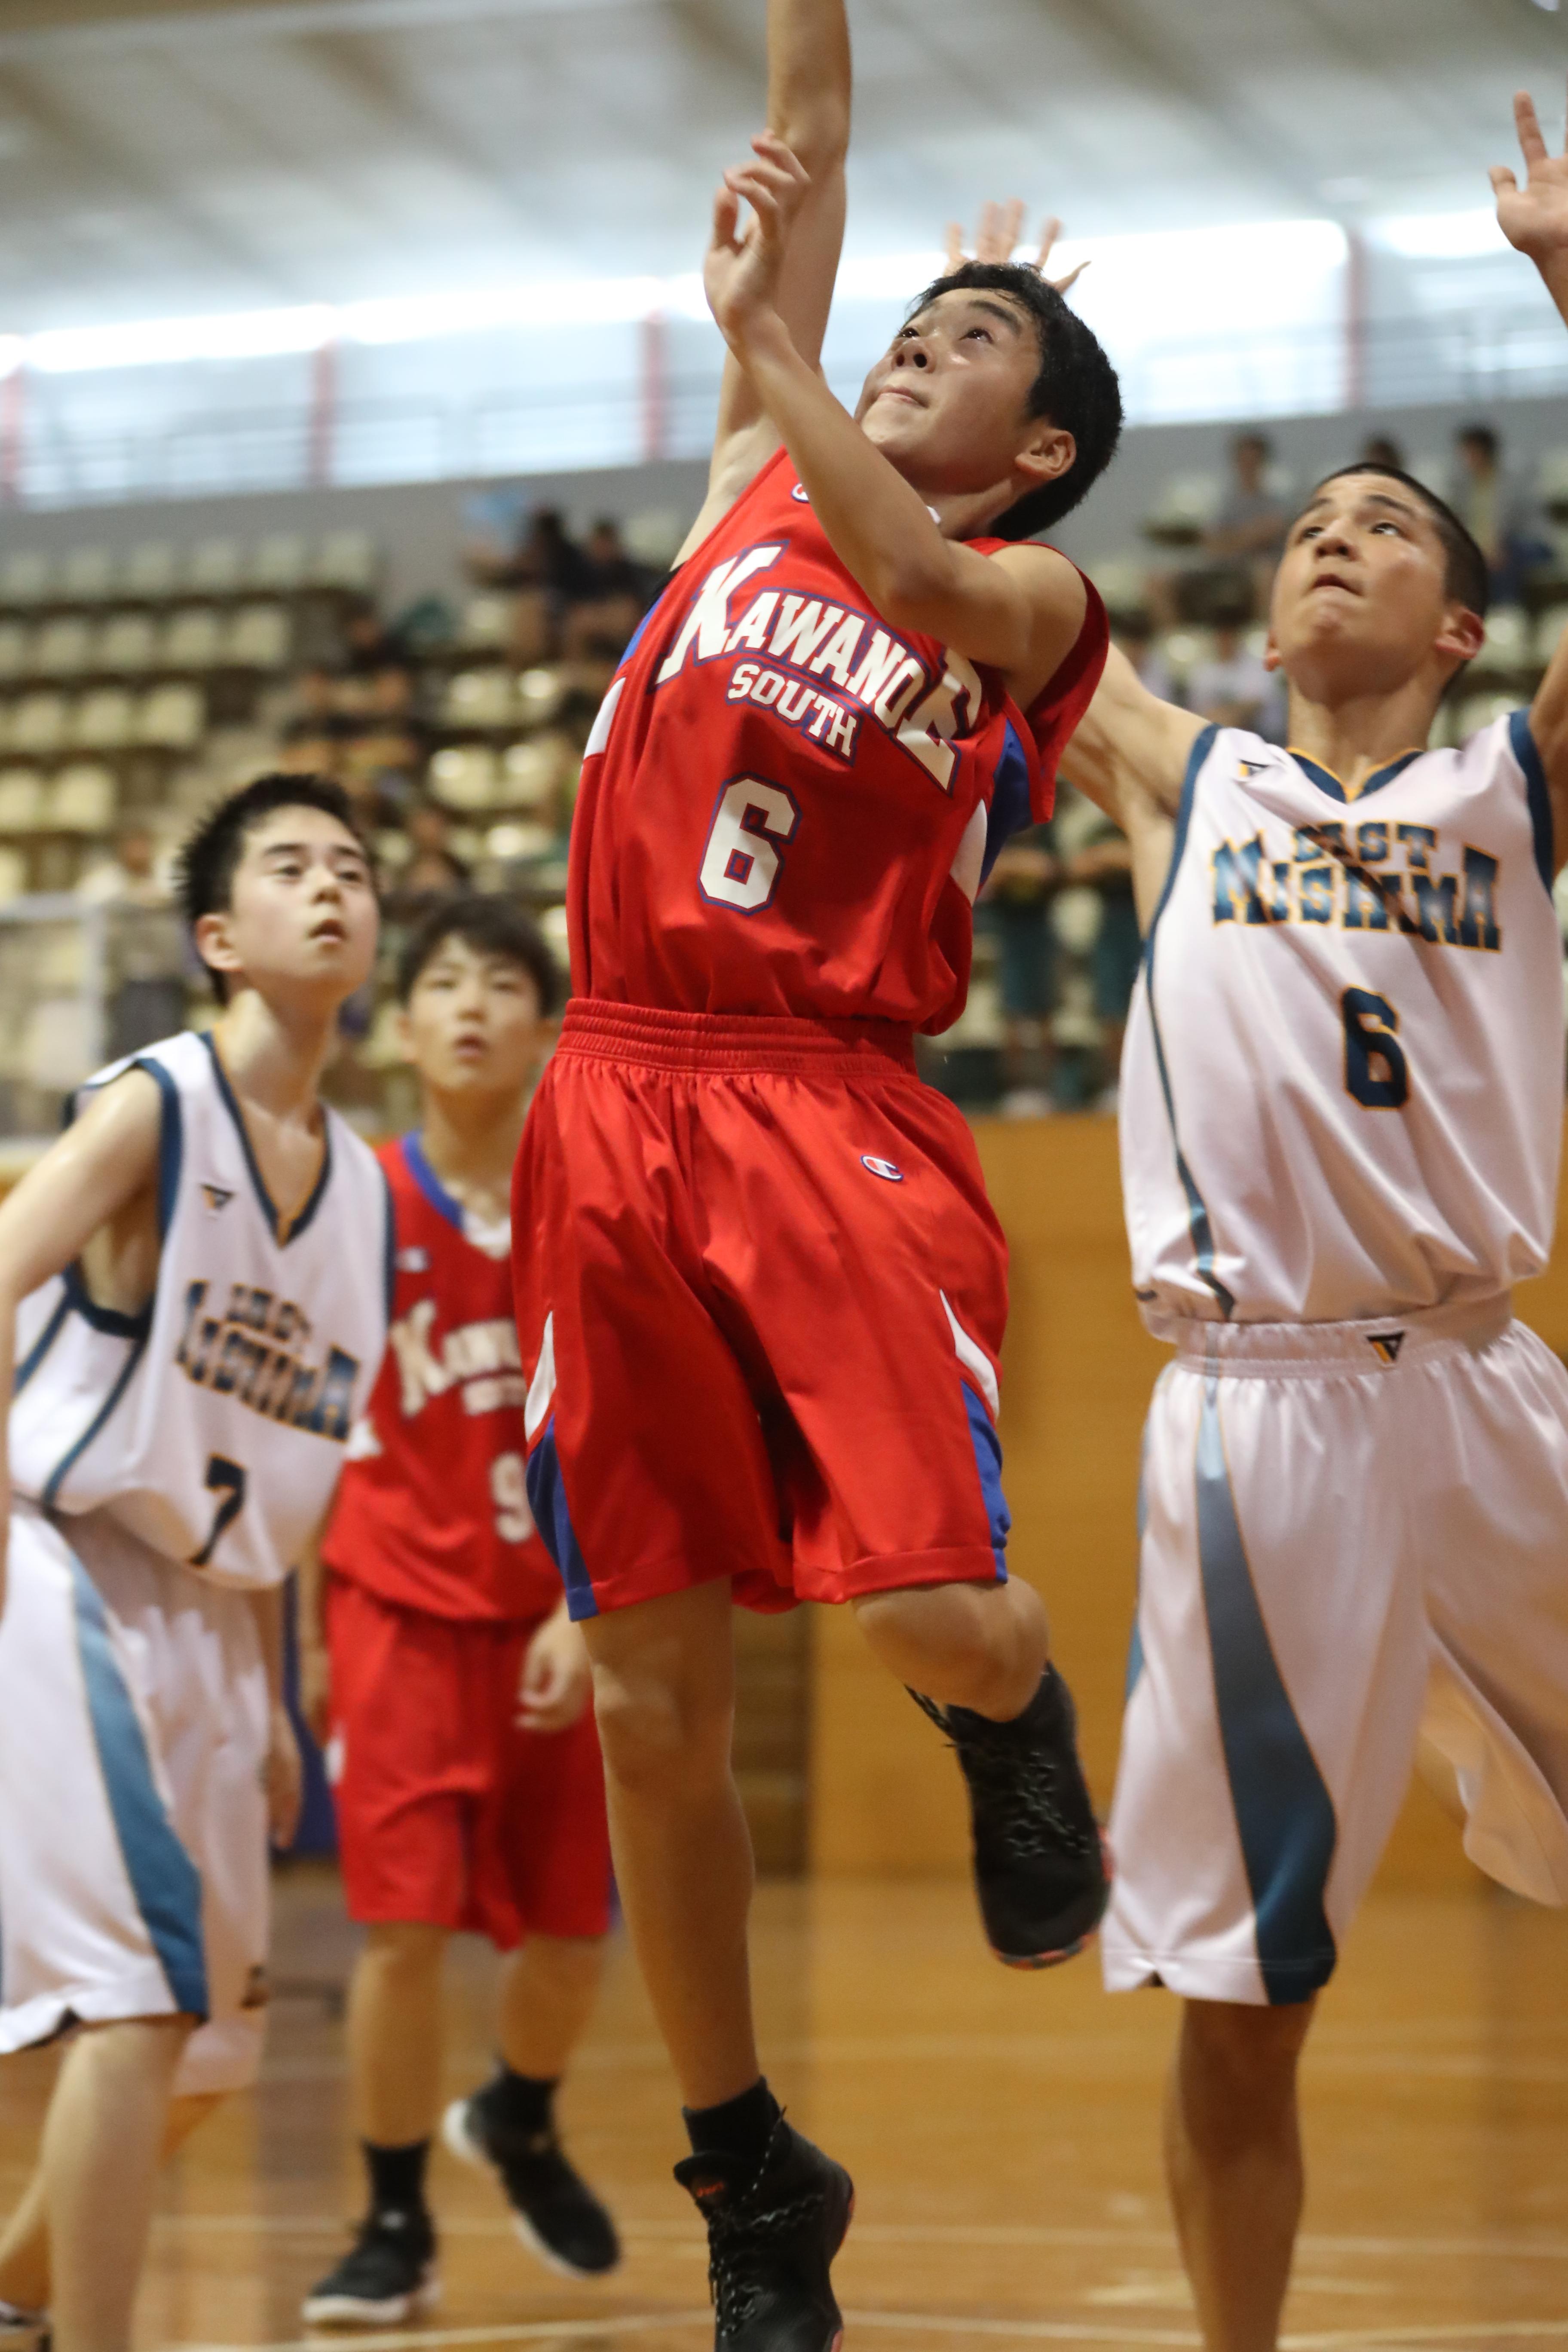 バスケット (15)